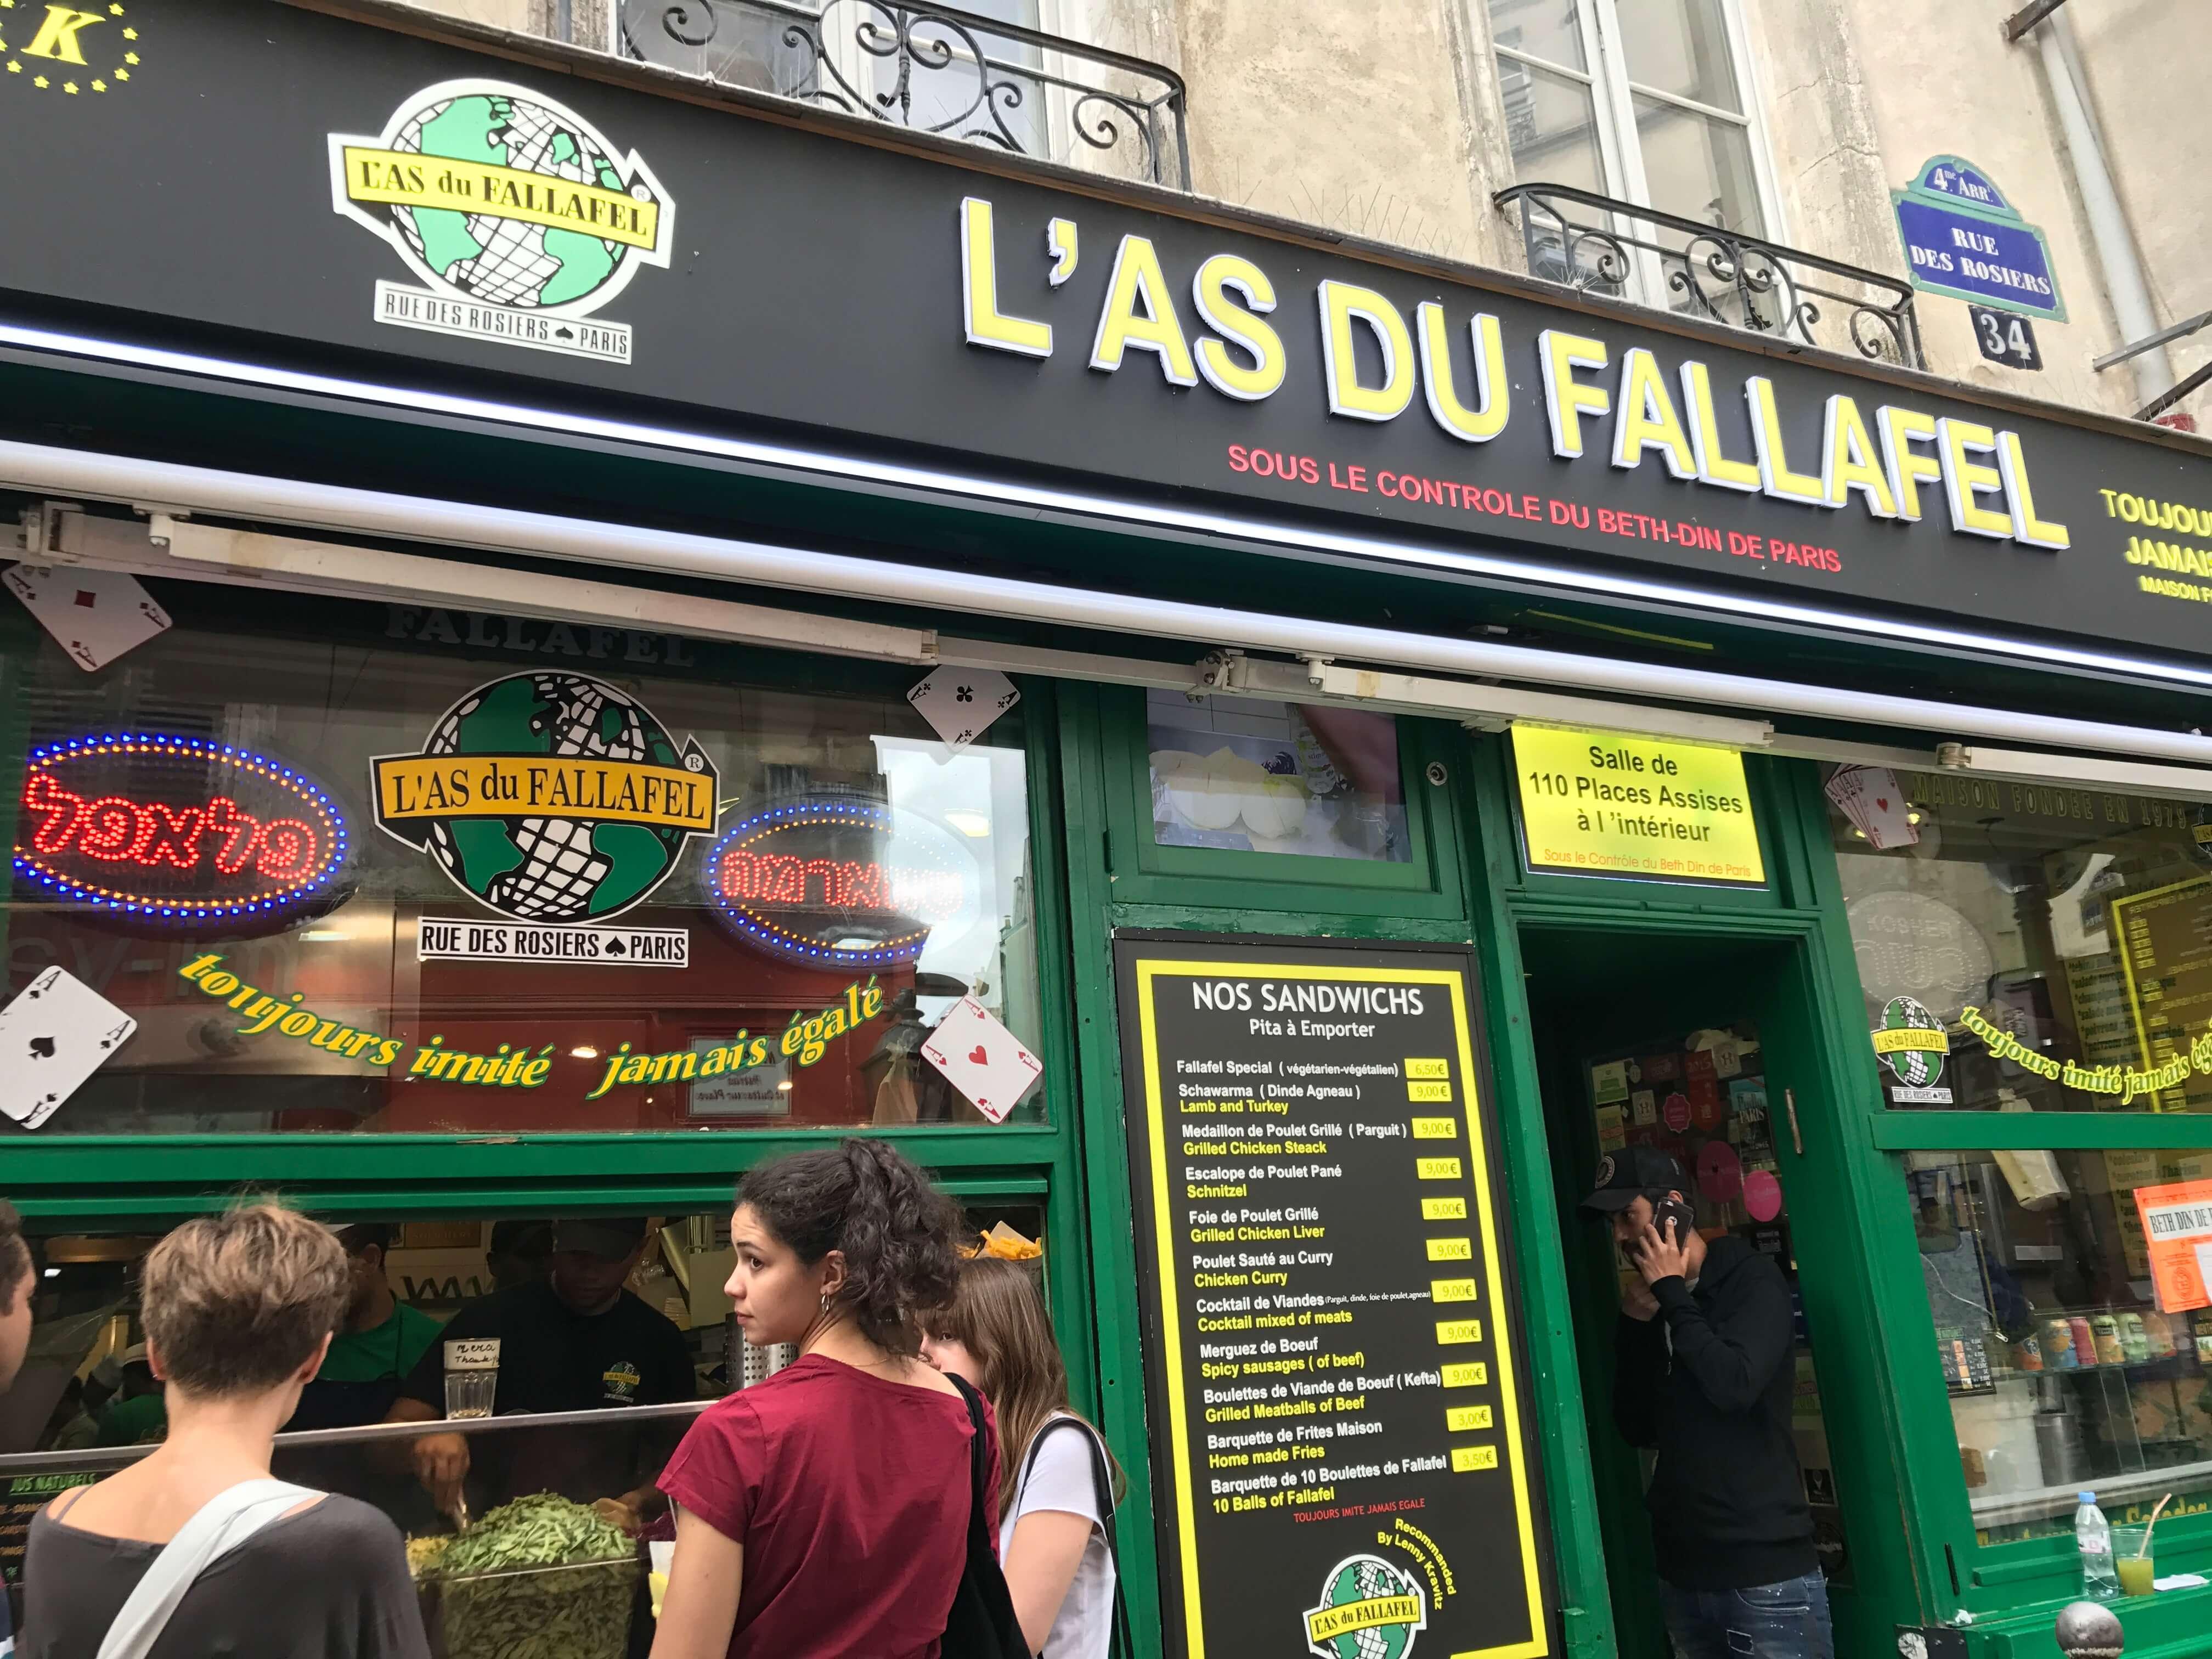 法國巴黎餐廳—L'as du Fallafel 外觀 photo by 倍包客